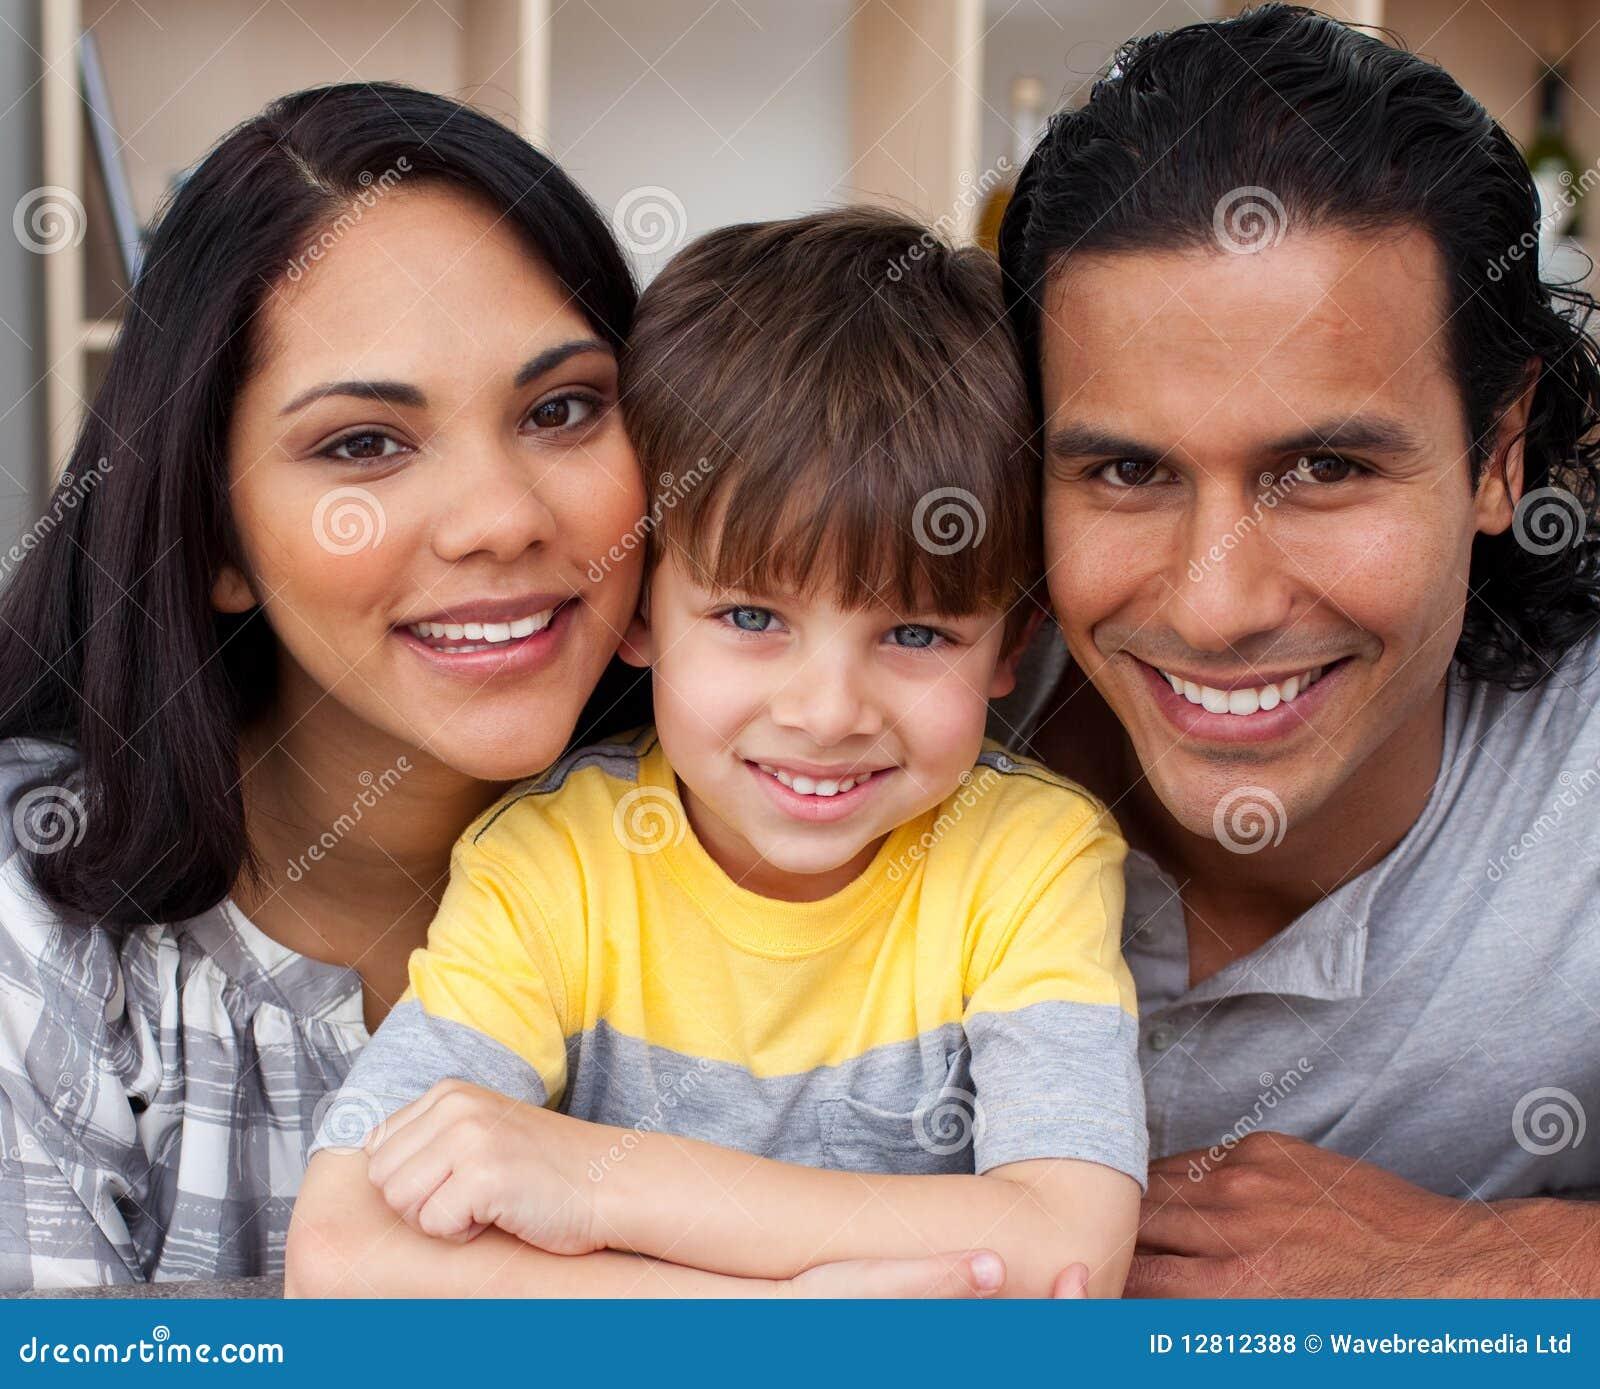 Retrato de uma família loving